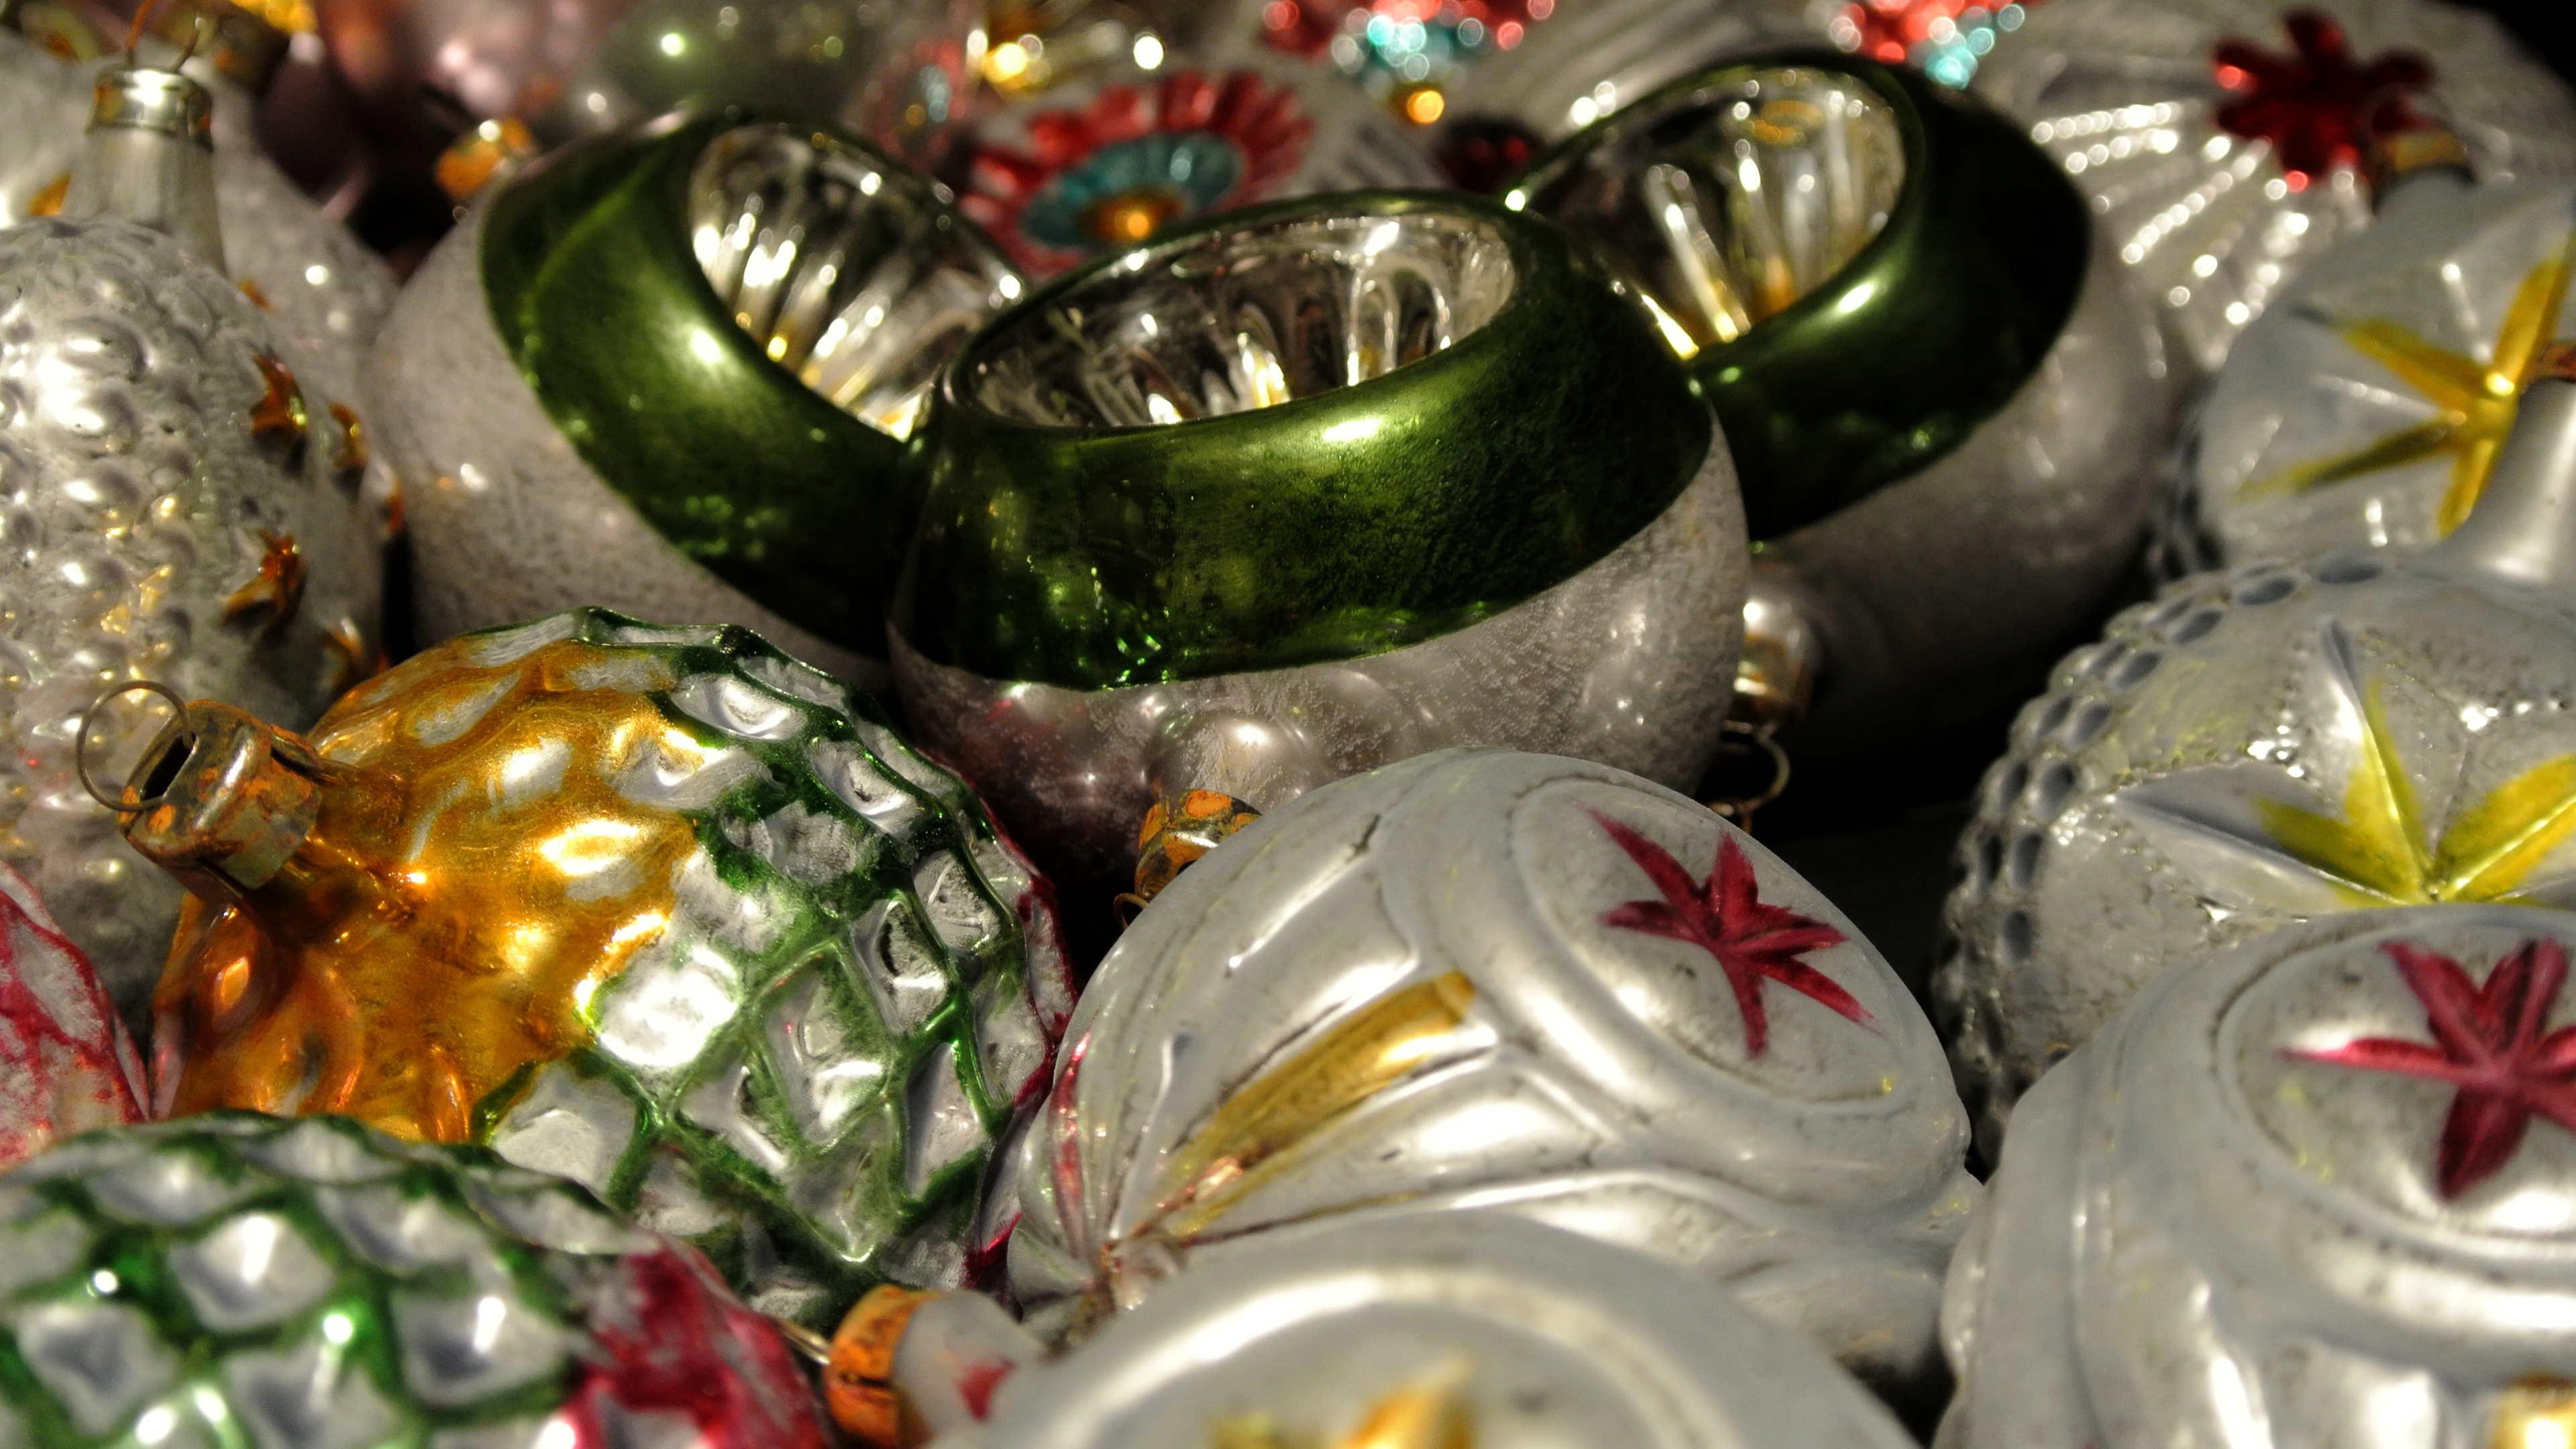 Weihnachtskugeln nach alten Mustern aus Glas, bunt verziert